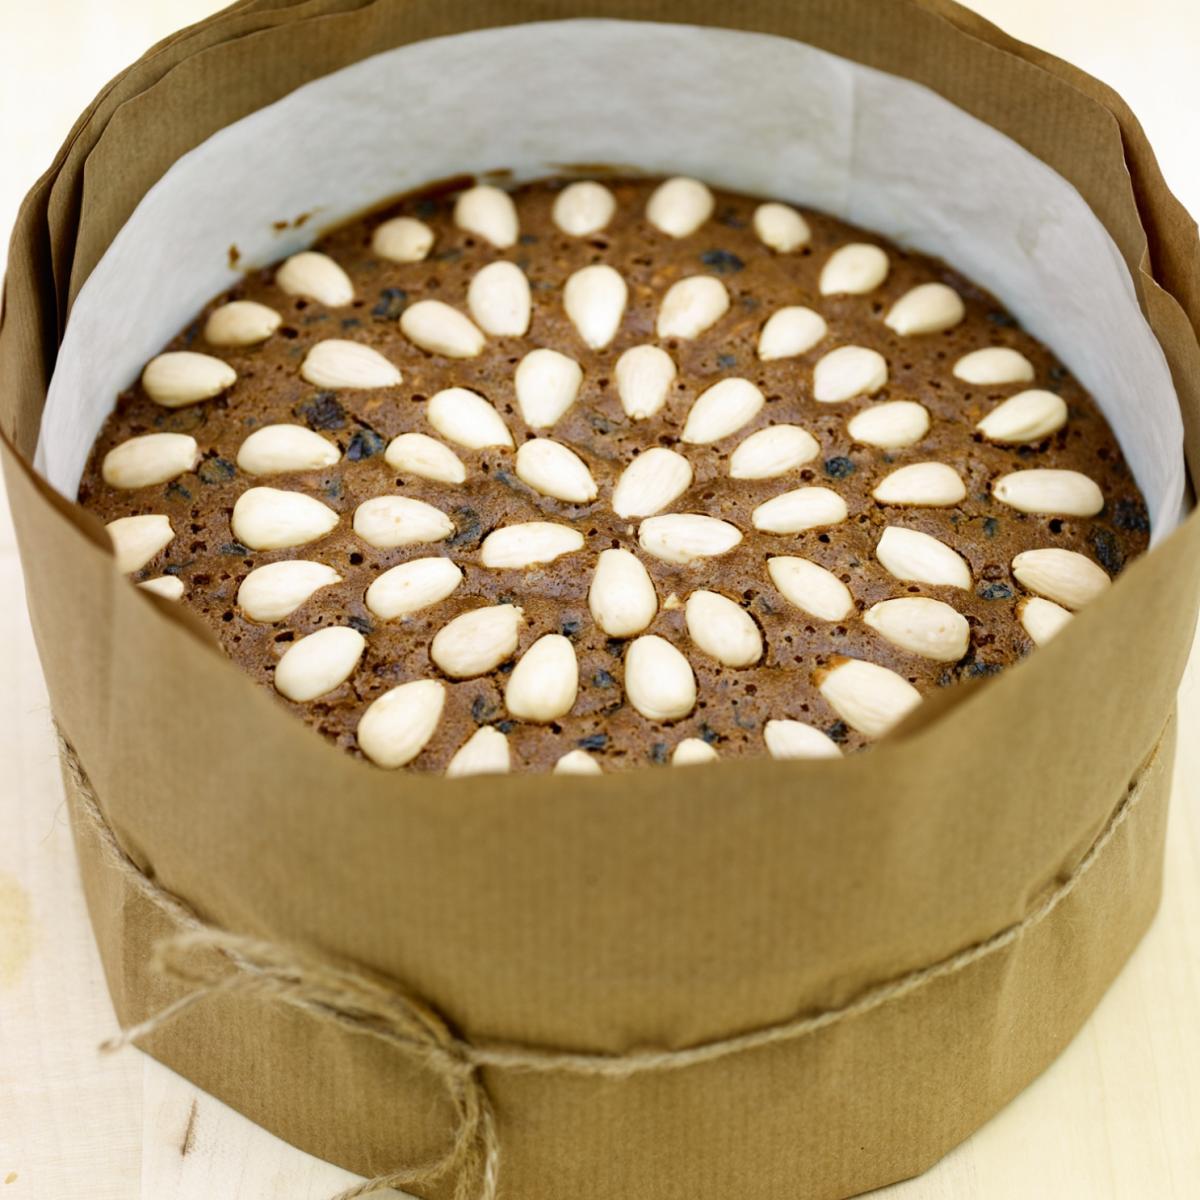 Classic Christmas Cake Recipes Delia Online